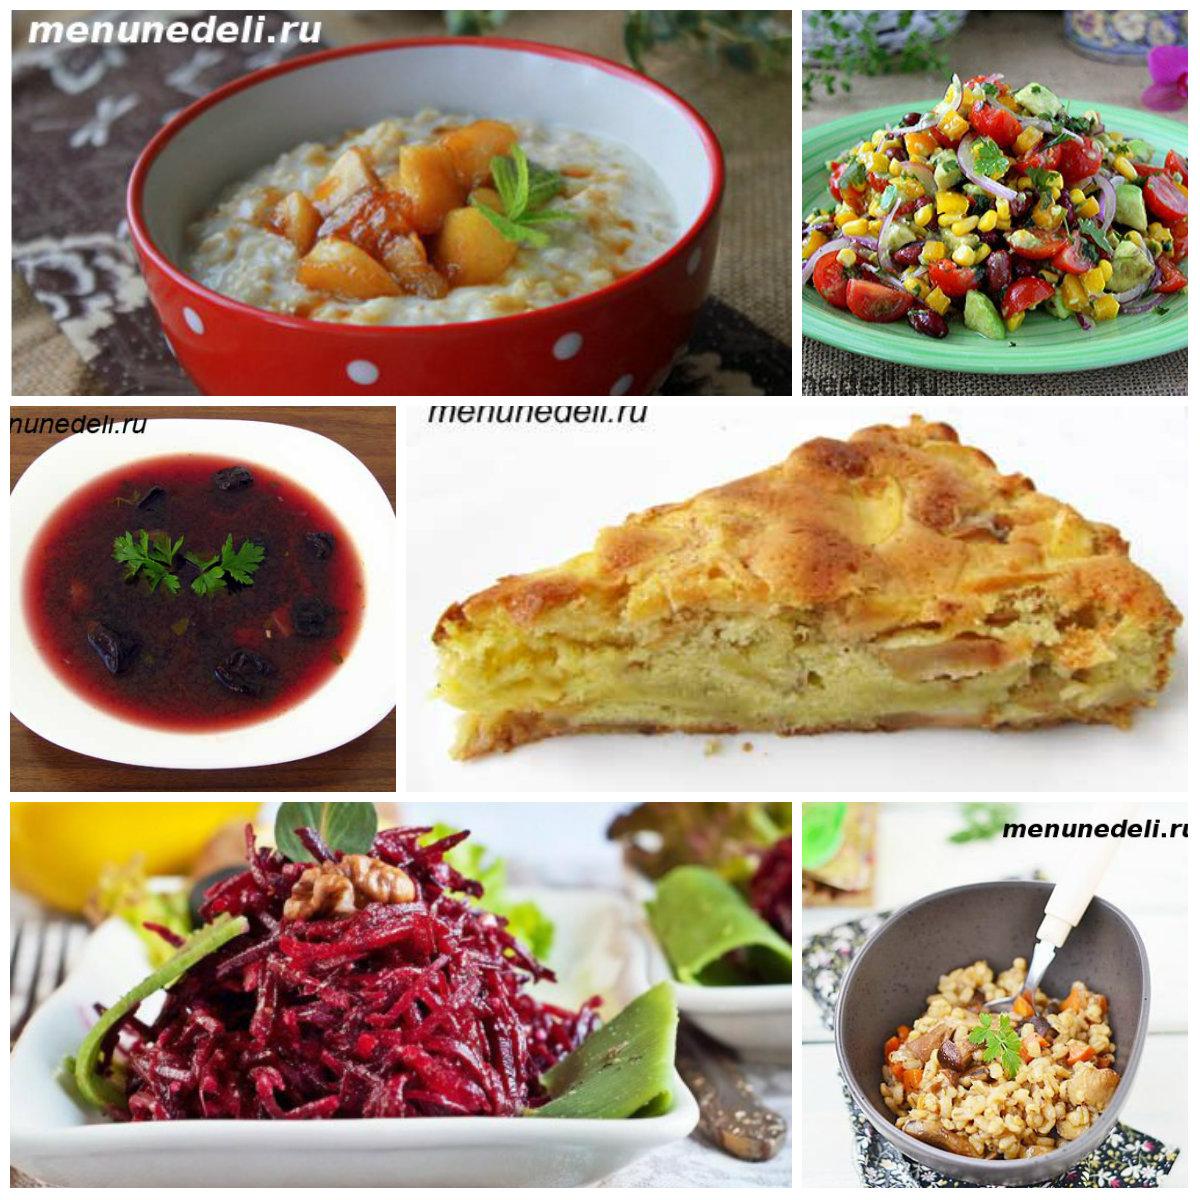 47745c8a3792 Вегетарианское меню на неделю, рецепты, список покупок   Меню недели